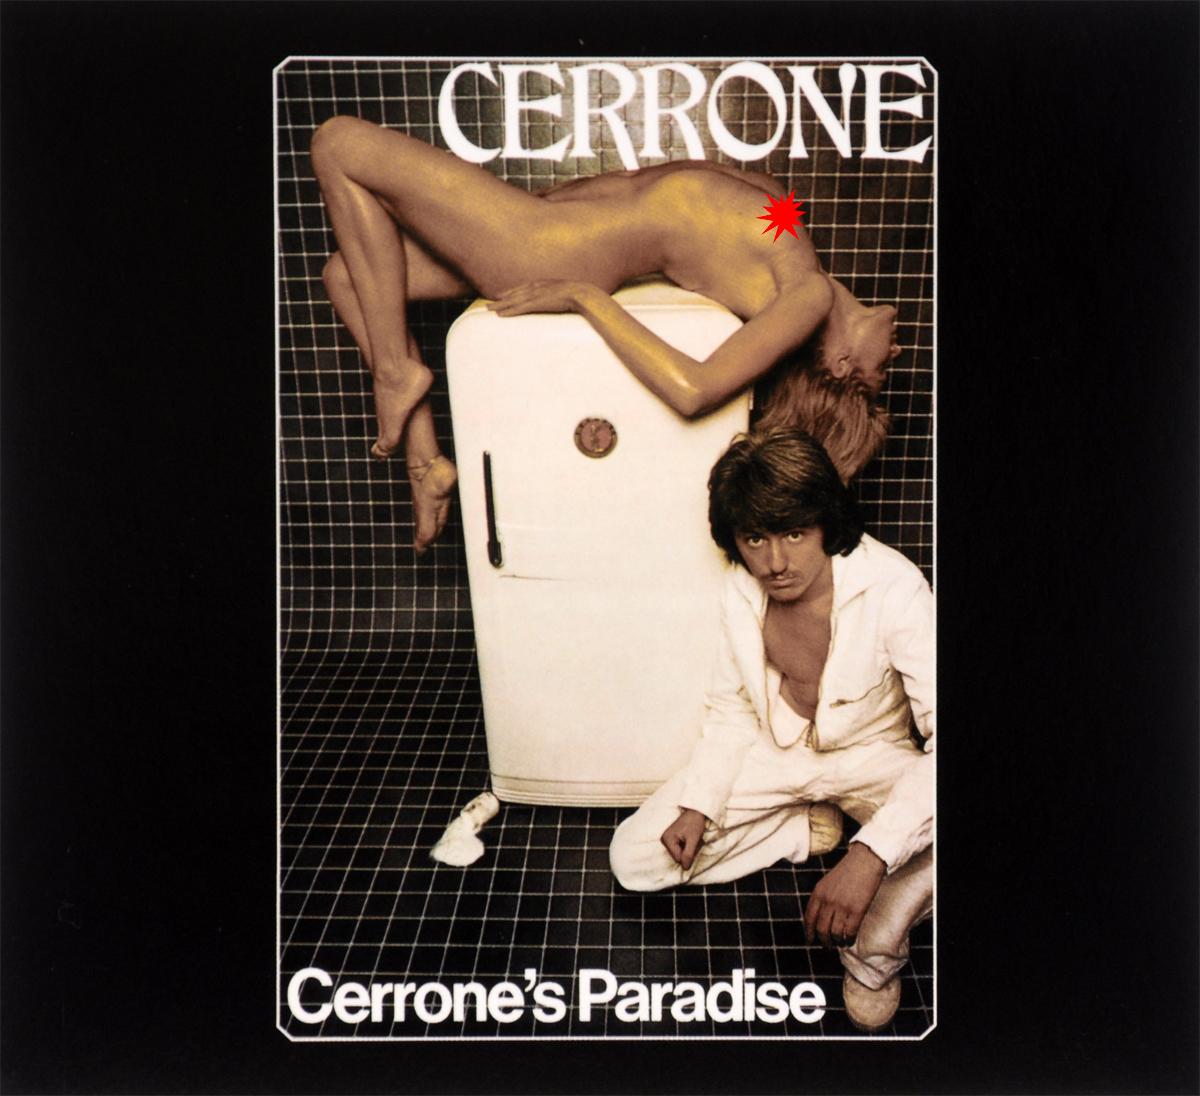 Cerrone. Cerrone's Paradise 2014 Audio CD